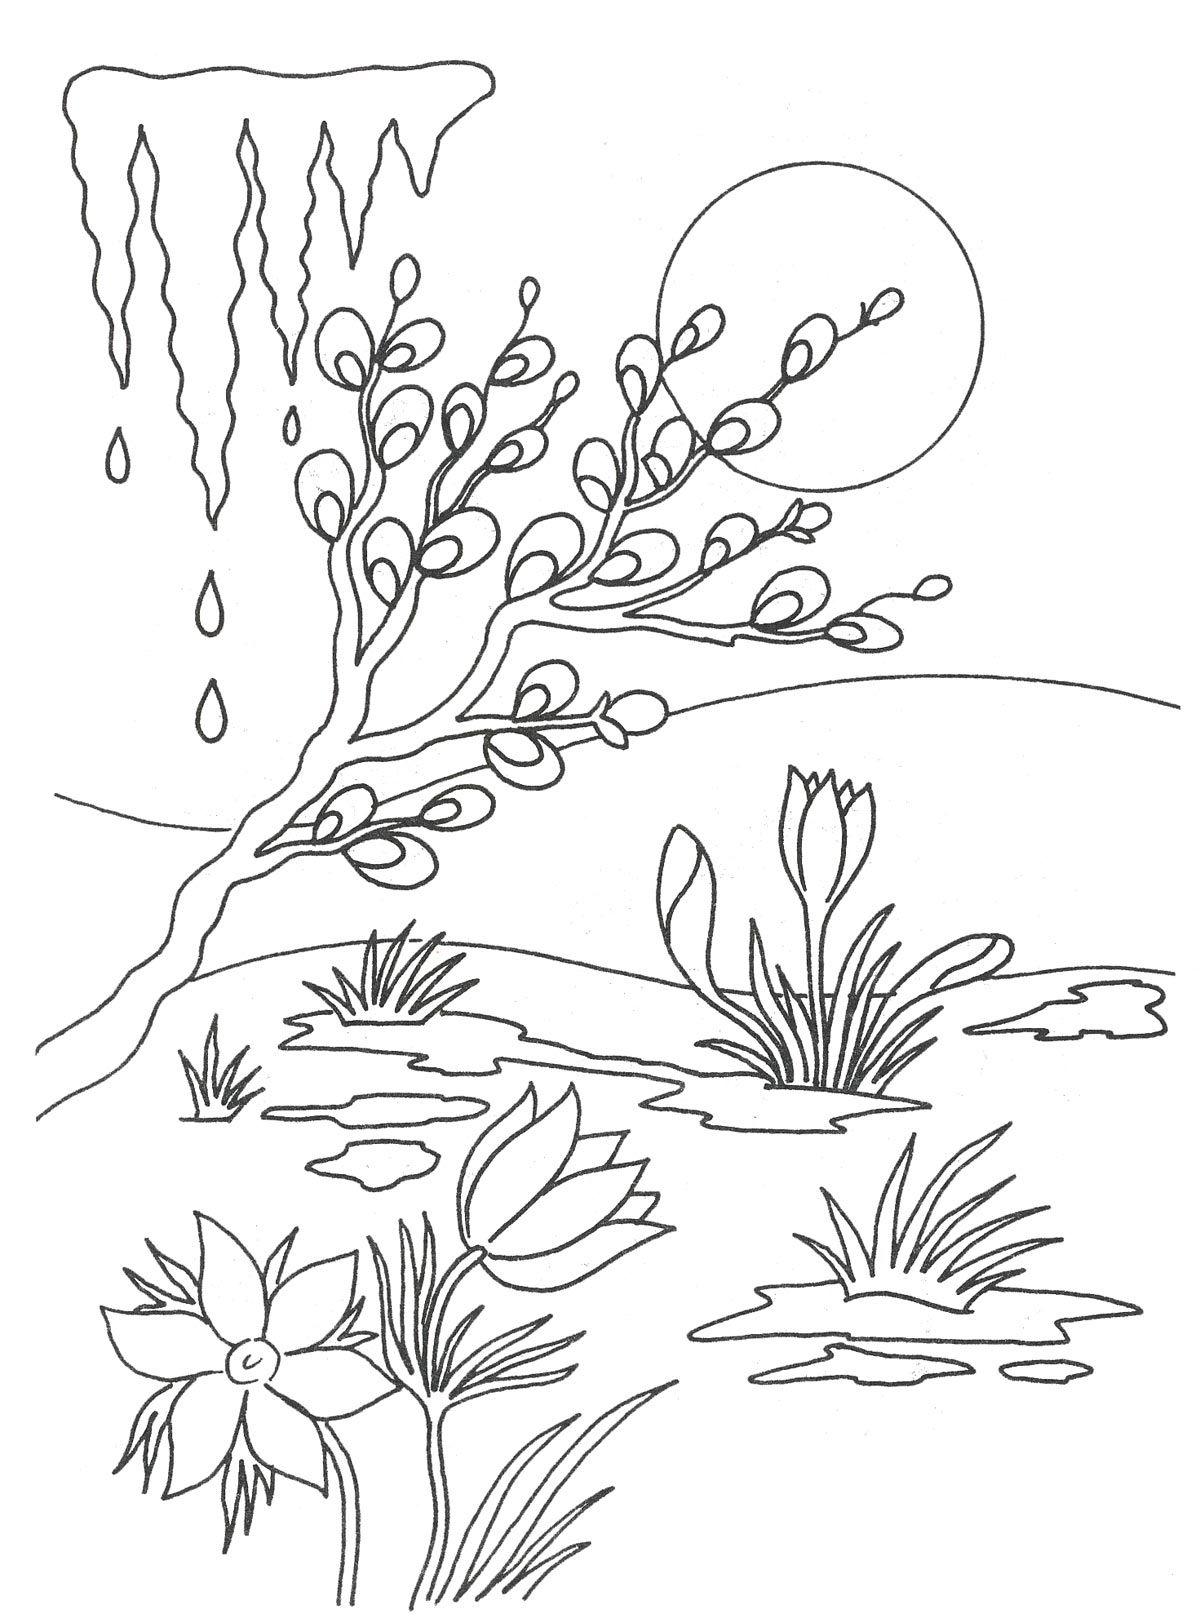 Раскраска весна | Раскраски, Весна, Весенние поделки